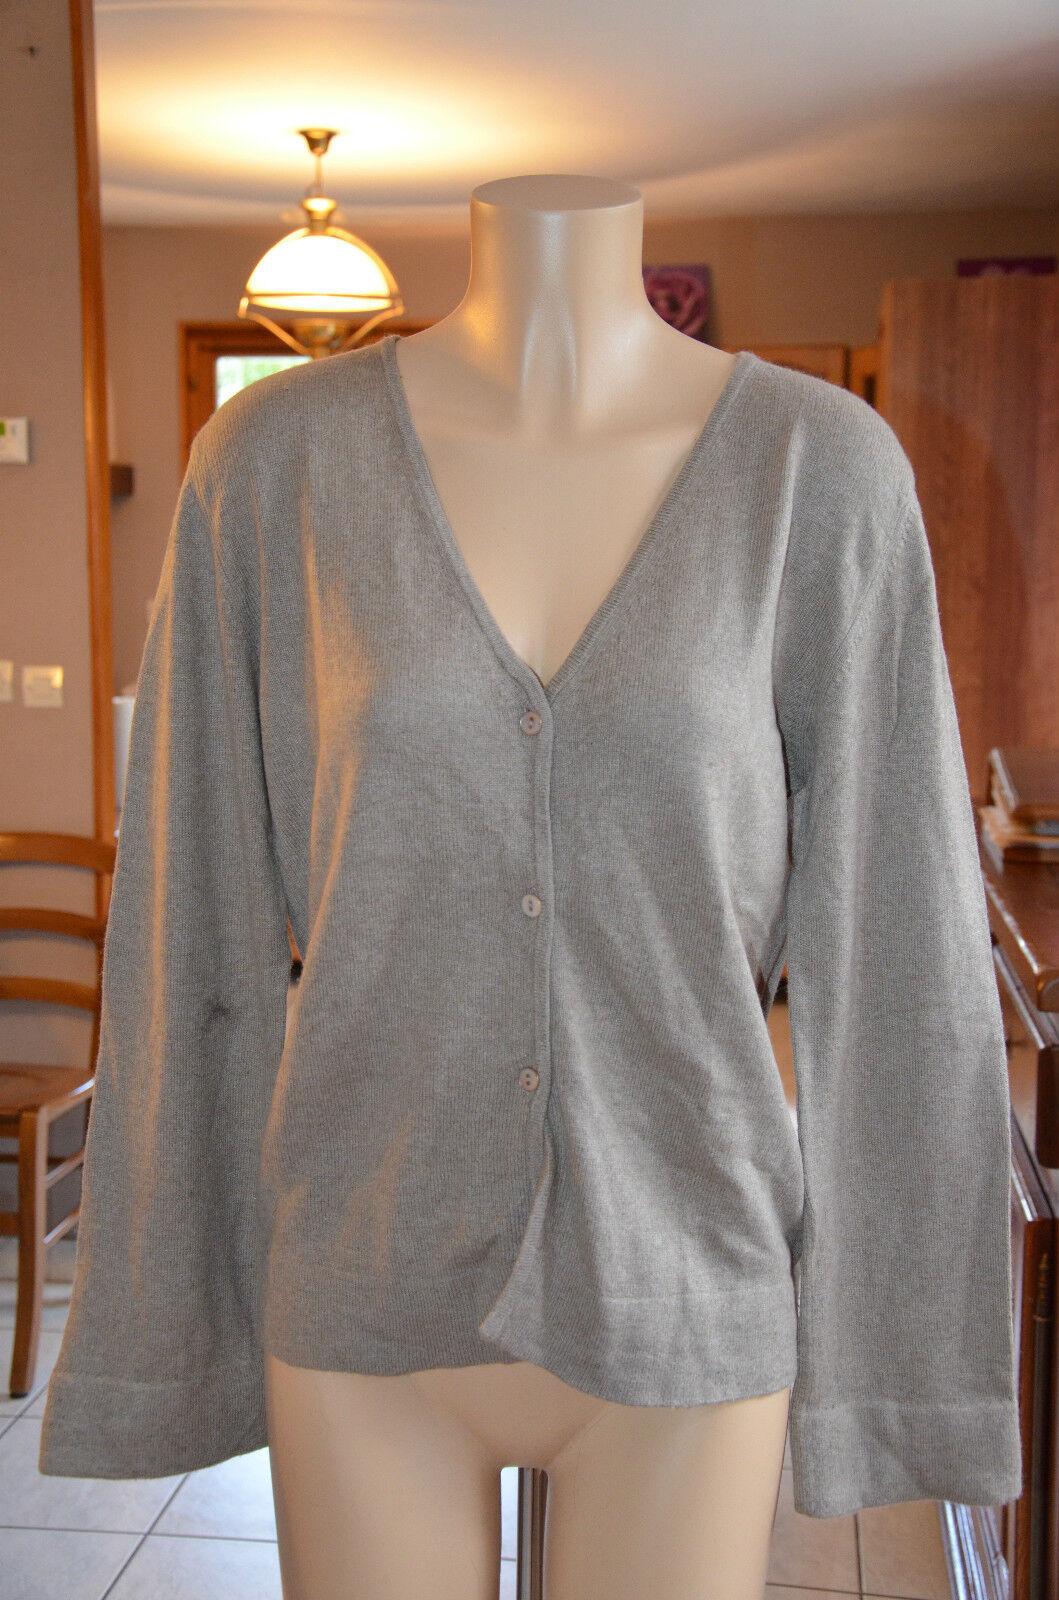 MARLBgold CLASSICS Pretty brown vest cashmere silk - size XL XL XL - MINT 3f9c89